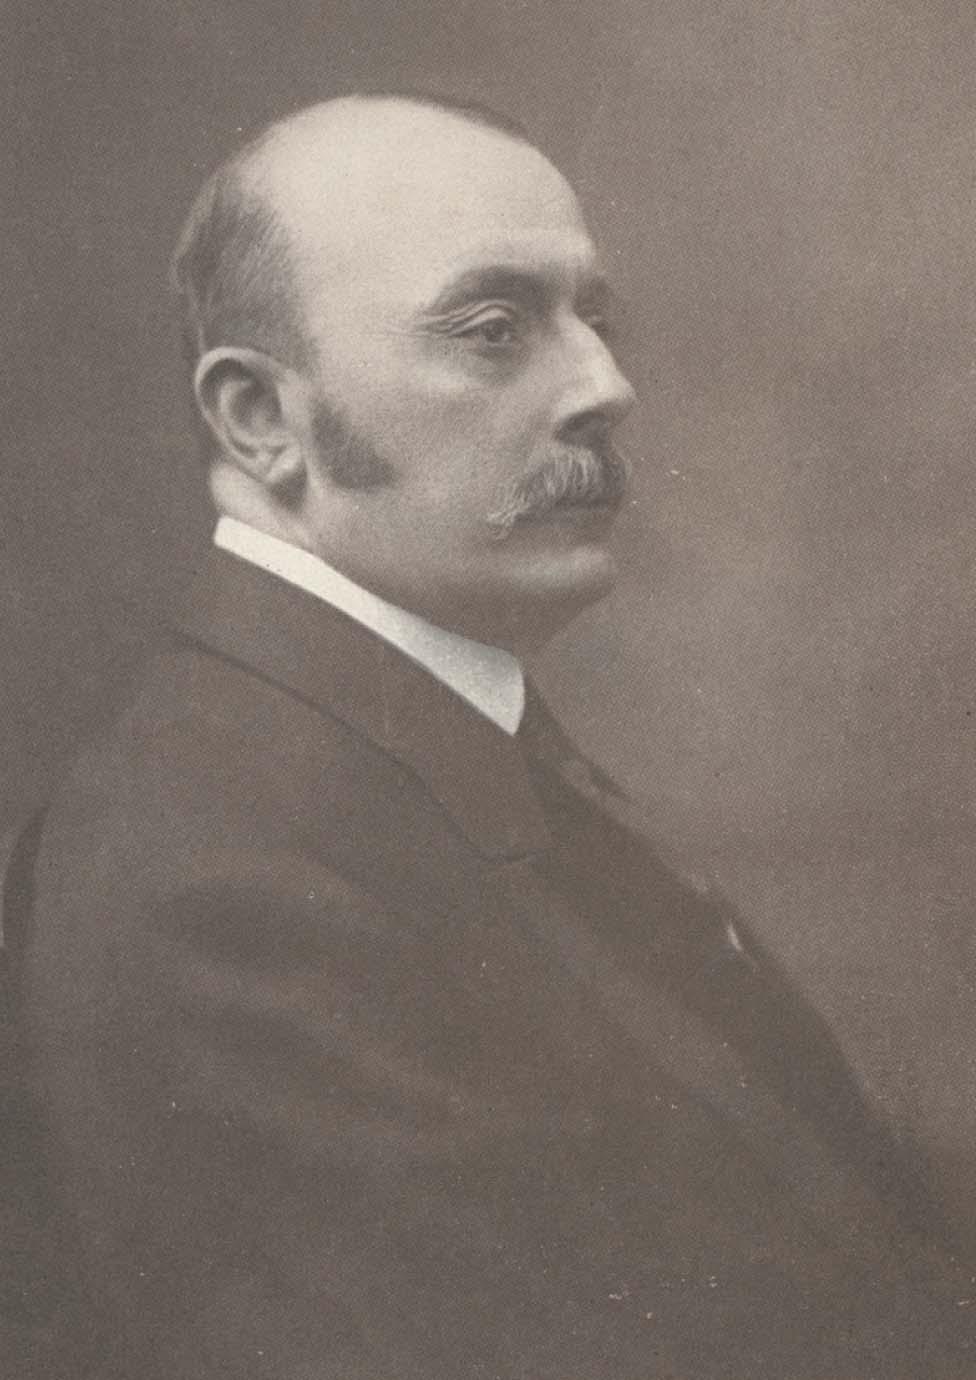 Alexandru Marghiloman